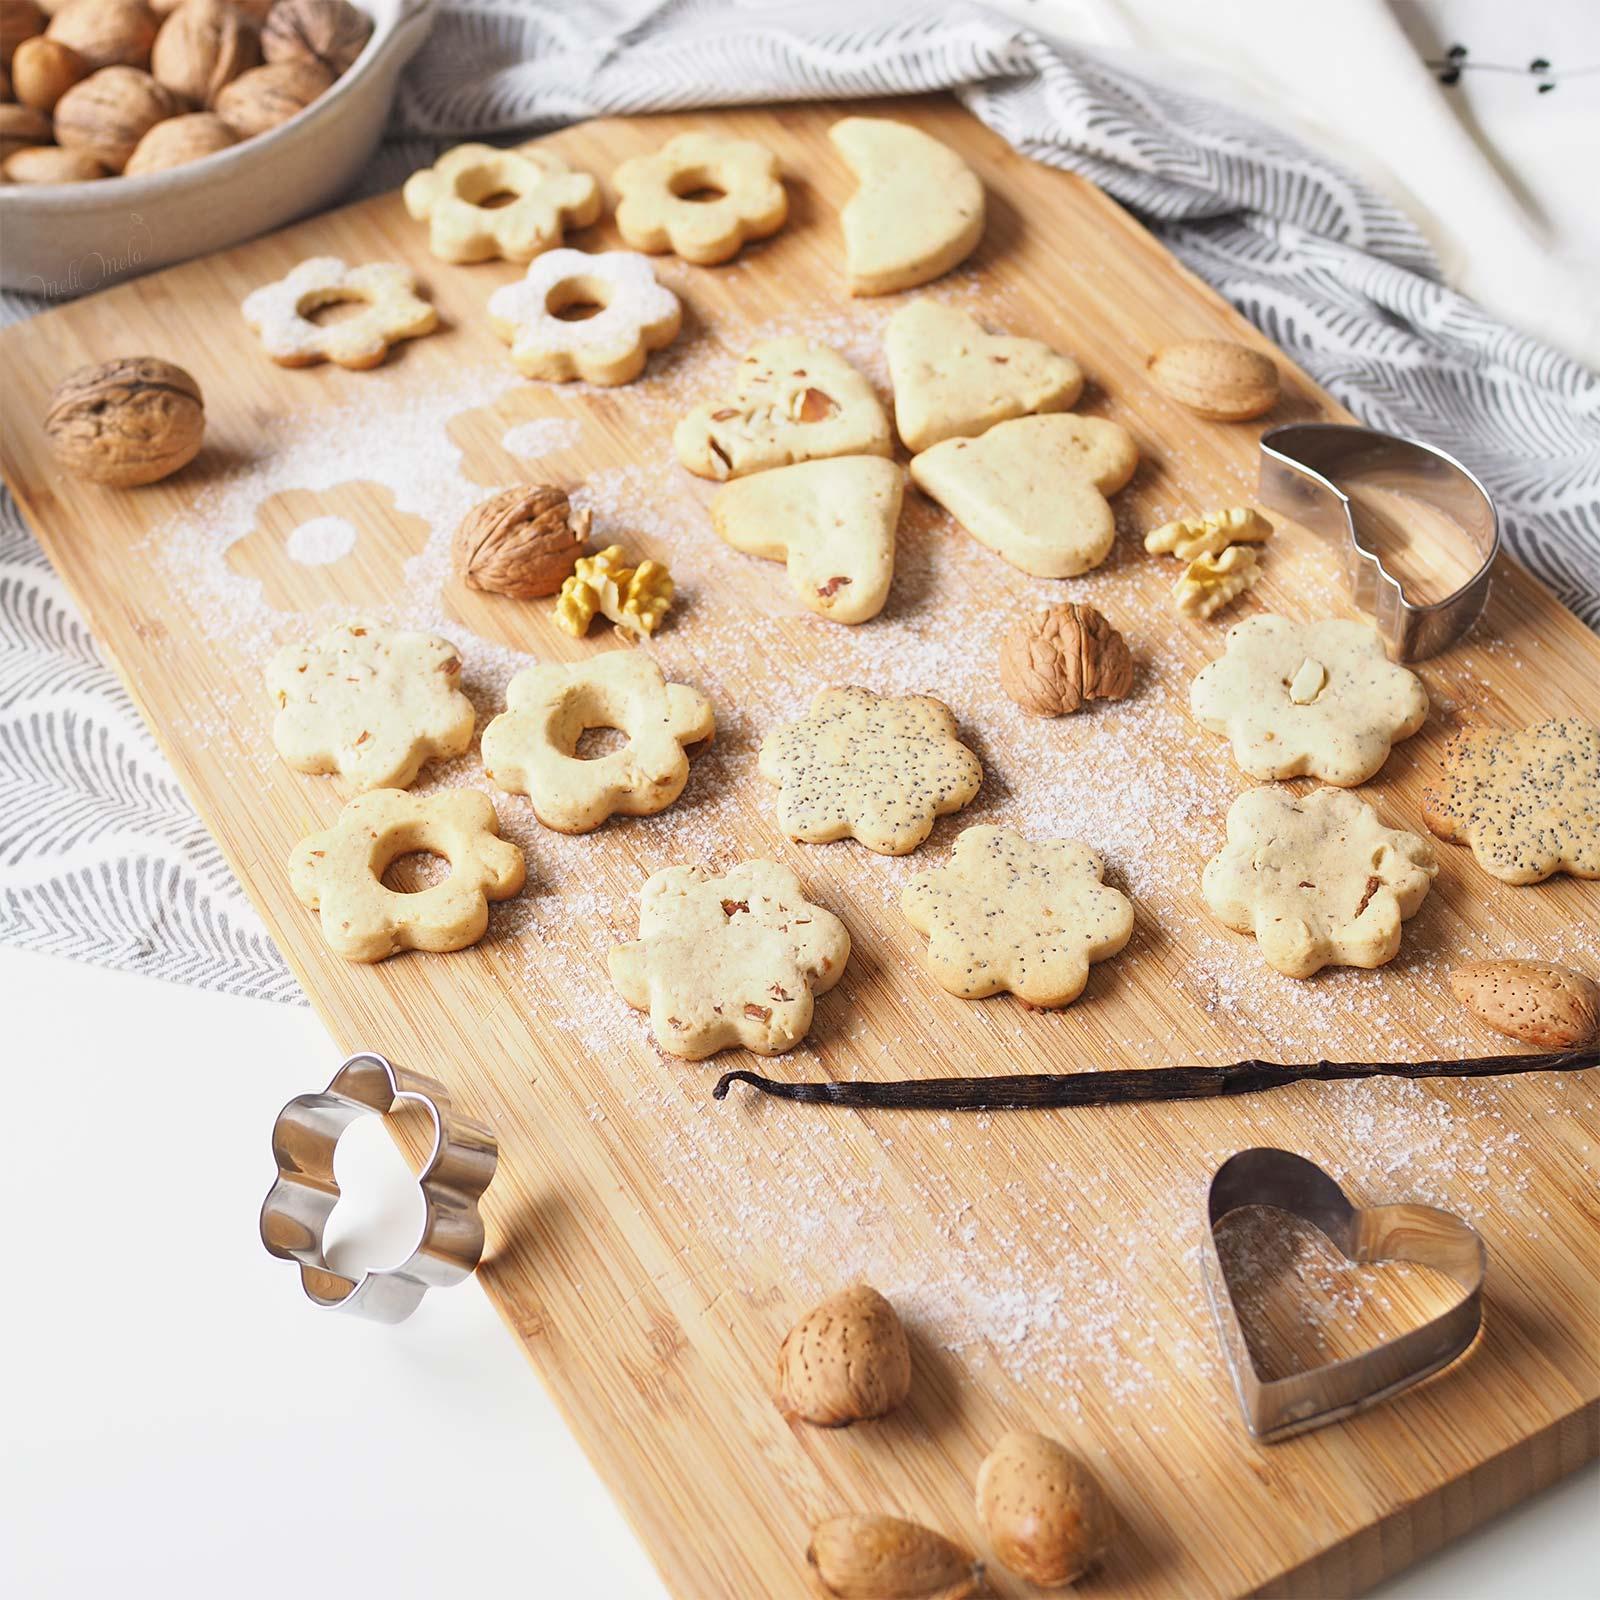 mélimélothé teatime sablés noix amande vanille recette julieetsesfolies Boutique MeliMelo